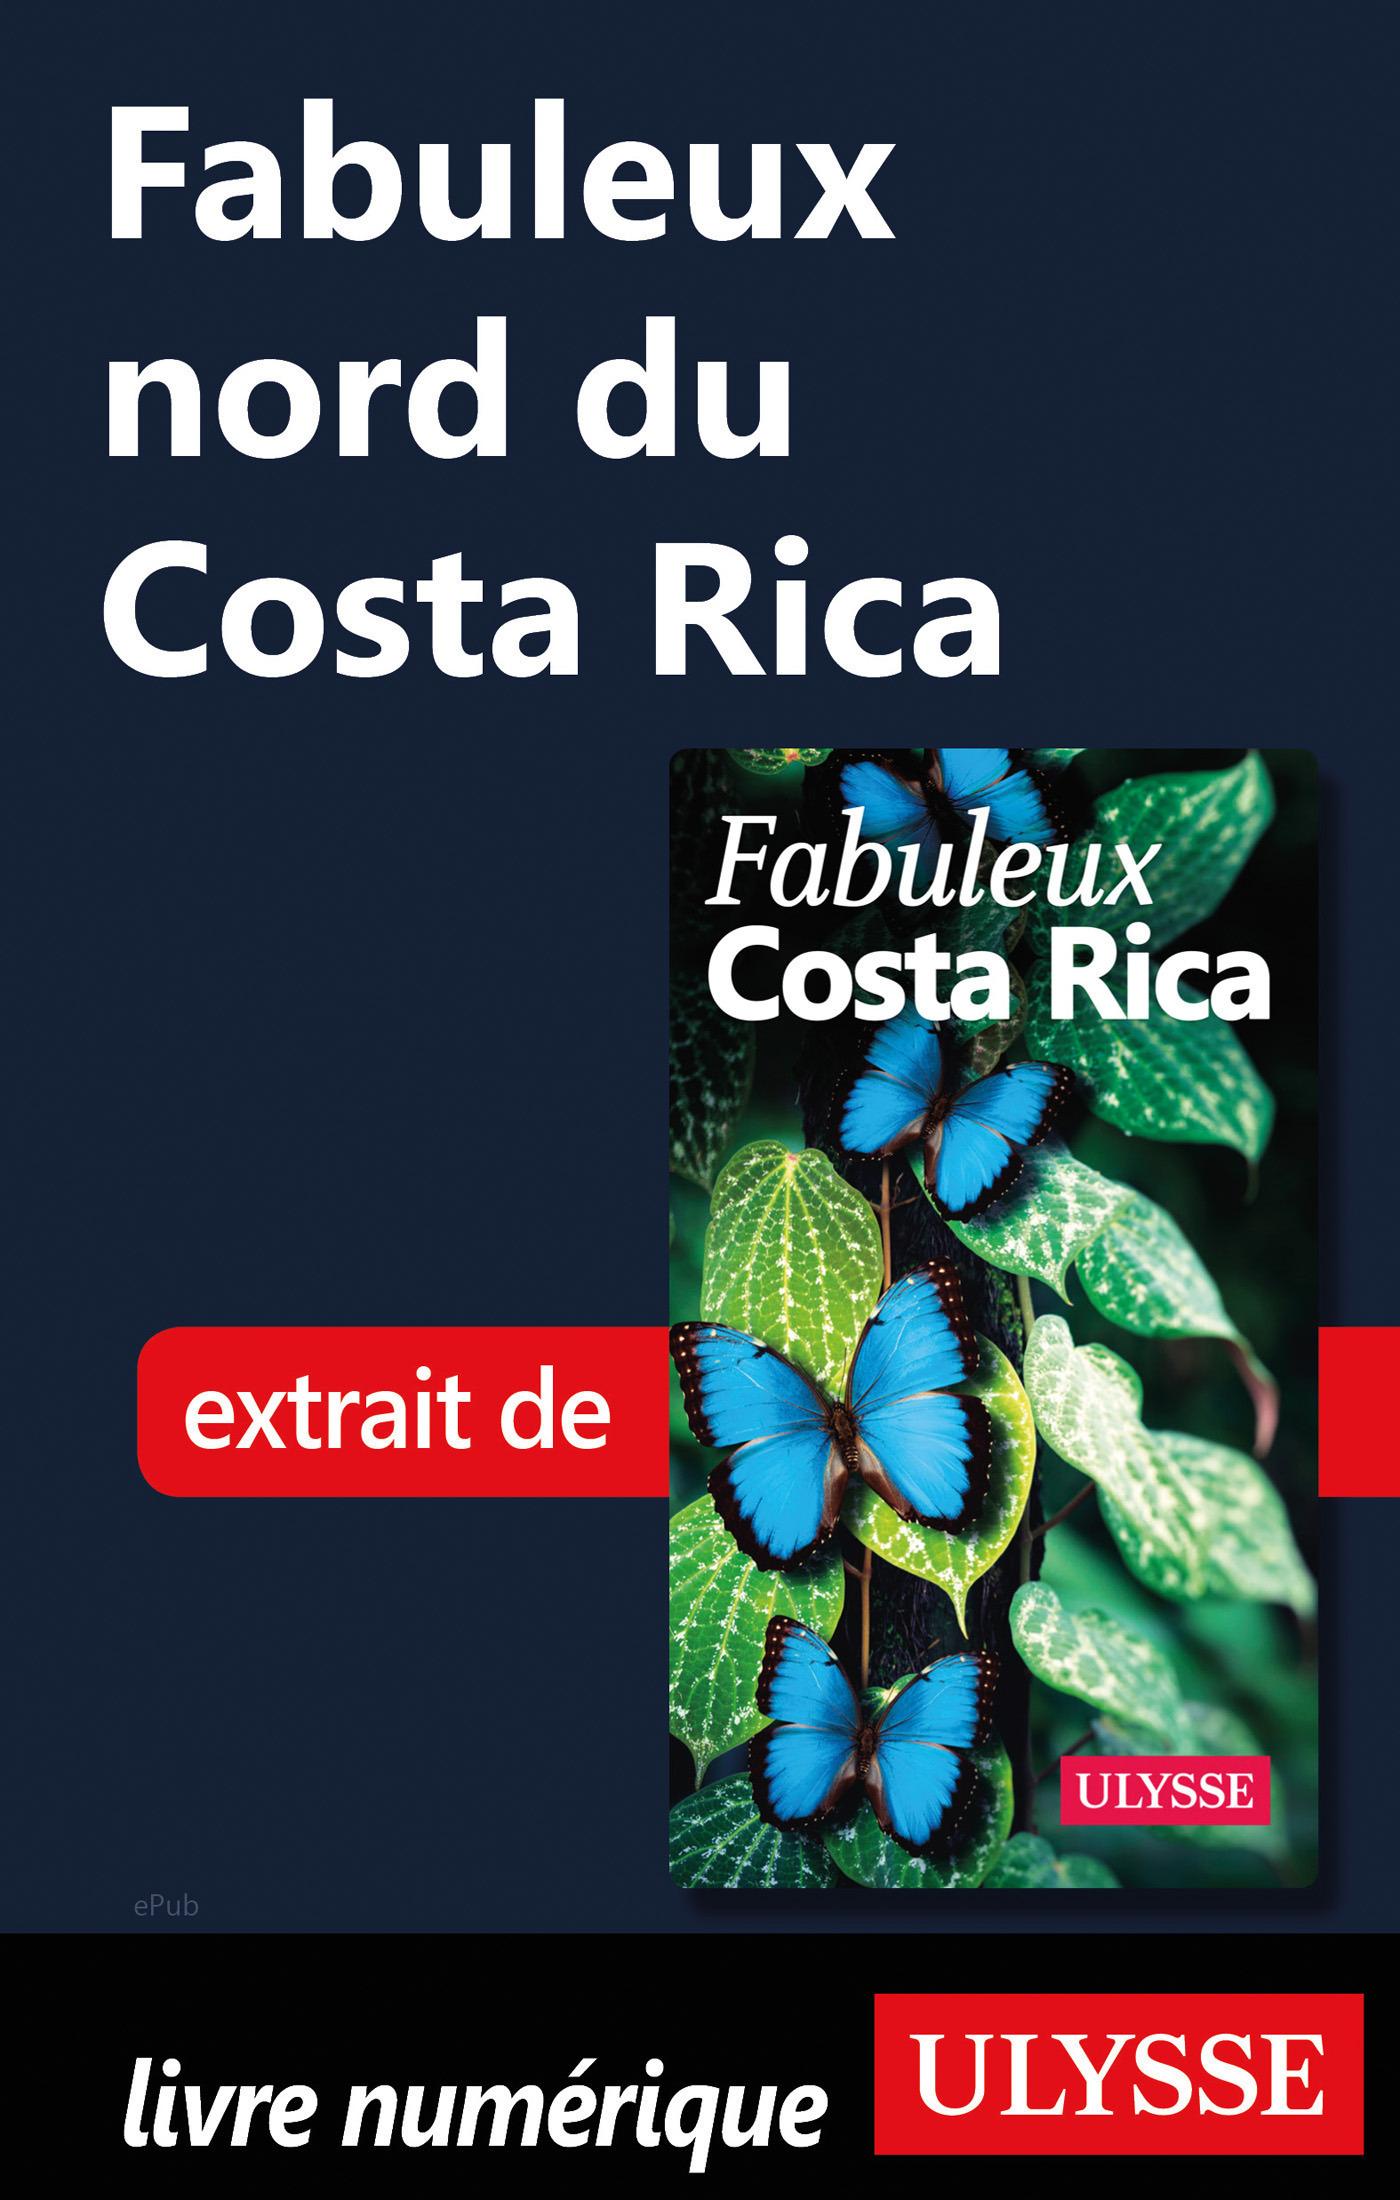 Fabuleux nord du Costa Rica